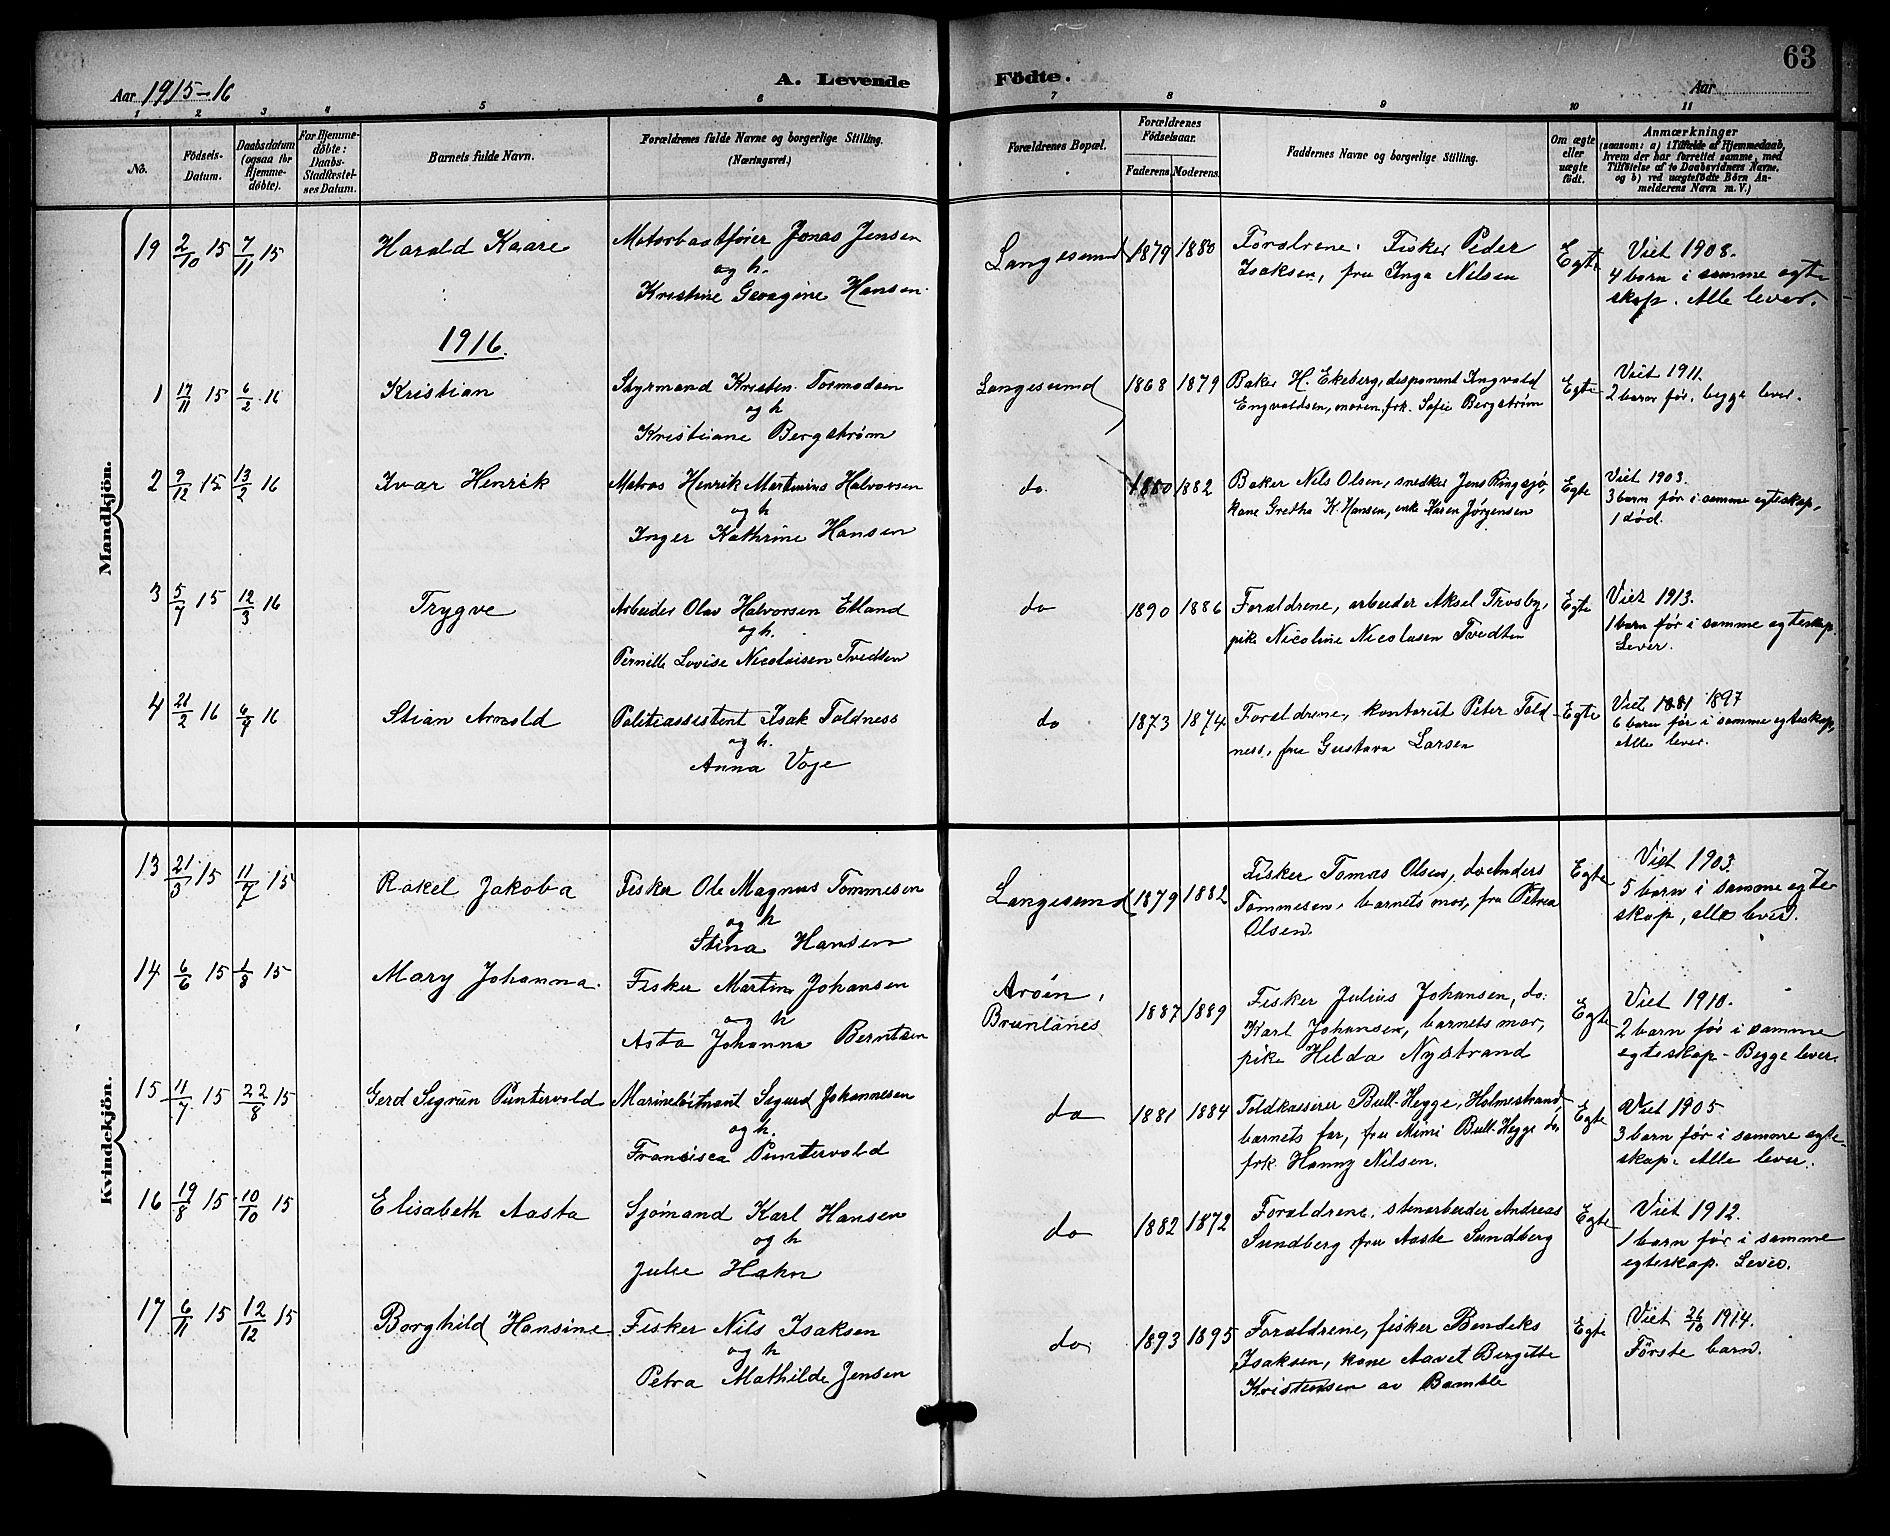 SAKO, Langesund kirkebøker, G/Ga/L0006: Klokkerbok nr. 6, 1899-1918, s. 63